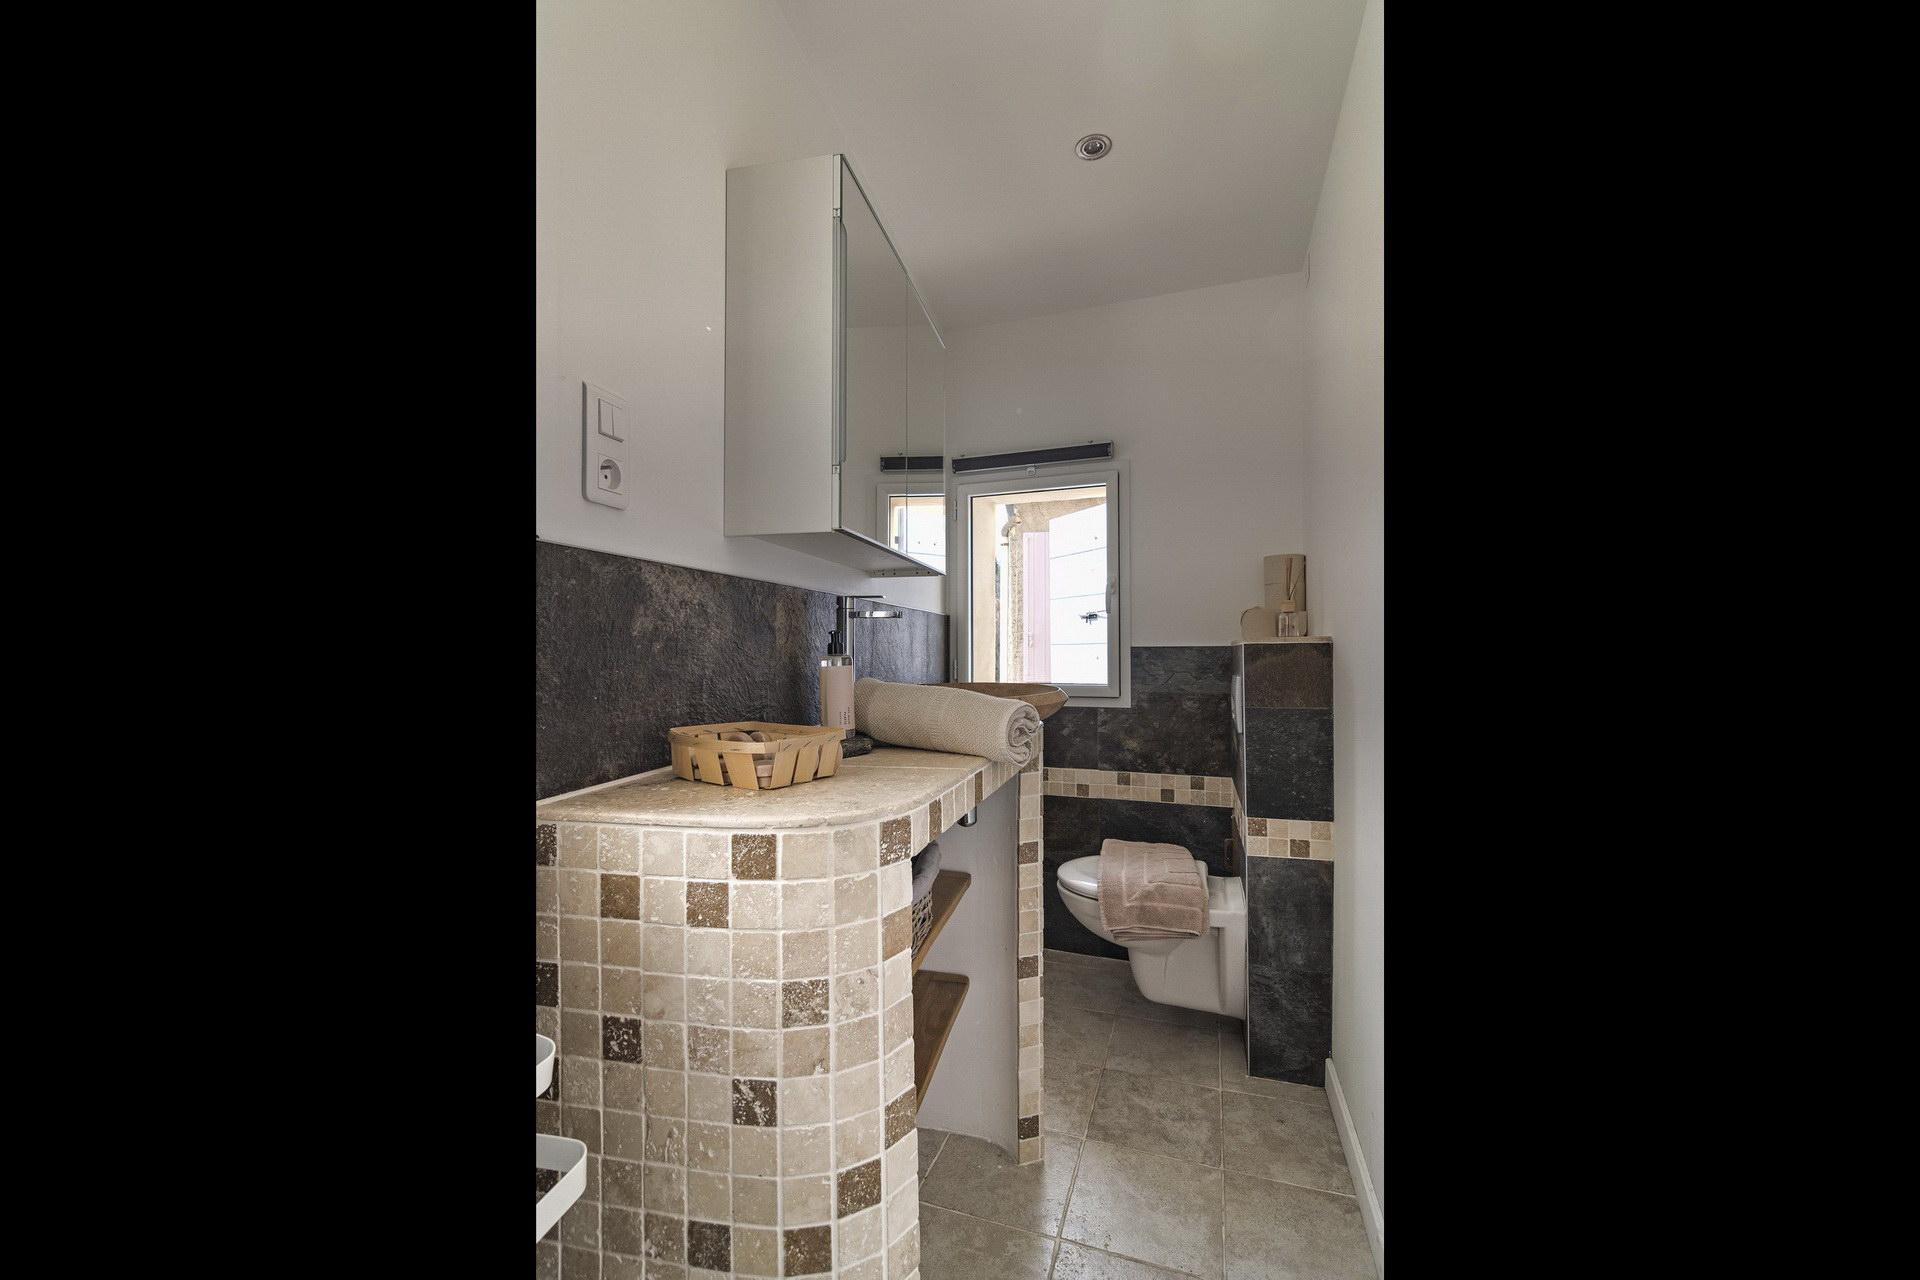 Appartement 4 personnes en location à forcalquier salle d'eau